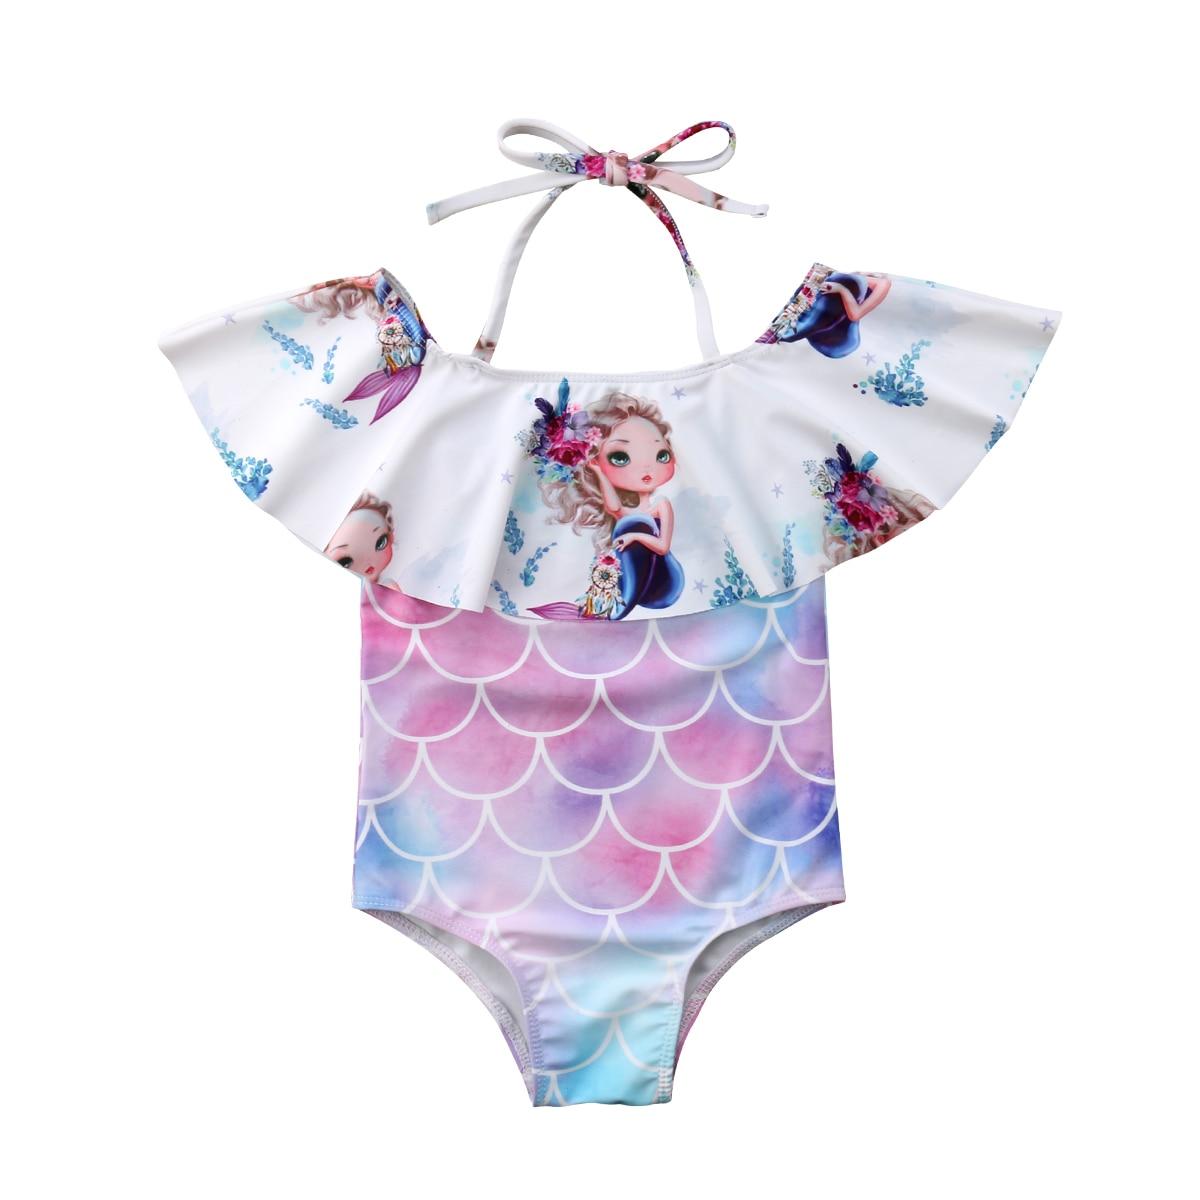 Toddler Kids Baby Girls Mermaid Tank Suit Bikini Set Bodysuit Swimwear Swimsuit Bathing Suit Beachwear Swimming Clothes 1-6 Age